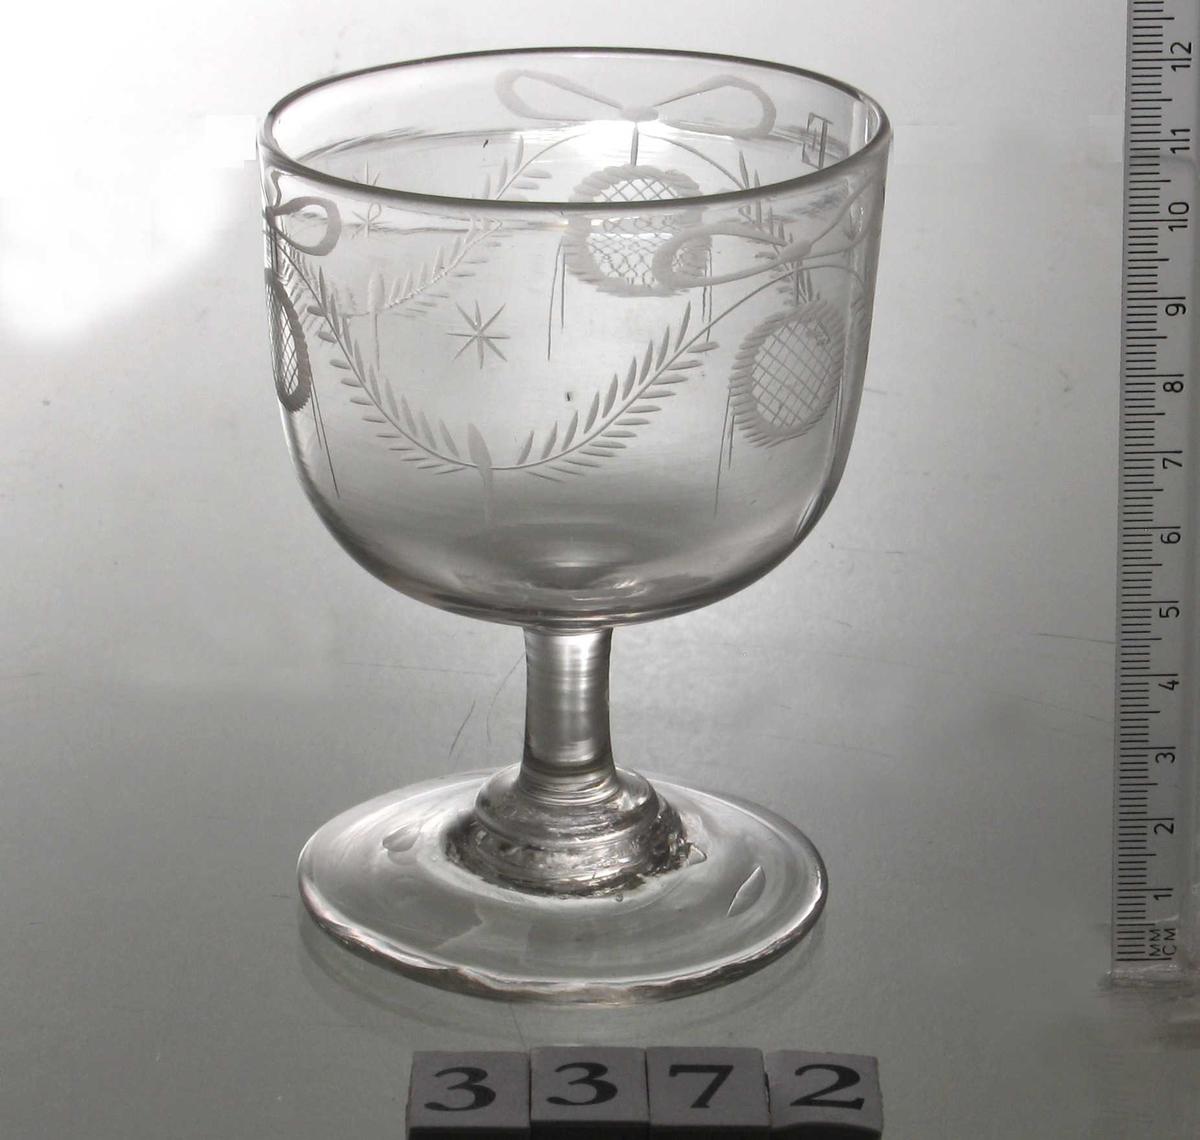 Vinglass, laget i  England ca. 1820.  Krystall.  Klokken sylinderformet, lav, slank stett,  og med tilnærmet sirkelrund fot.   Gravert mønster  på  klokken i form av guirlandere.  Øverst på kanten bokstavene   NE  (Niels Eldrup)   inngravert. Blåsemerket tydelig  under foten, noen bobler i godset samme  sted. Noen ujevnheter også på klokken.  Tilst. juli 1963: God.